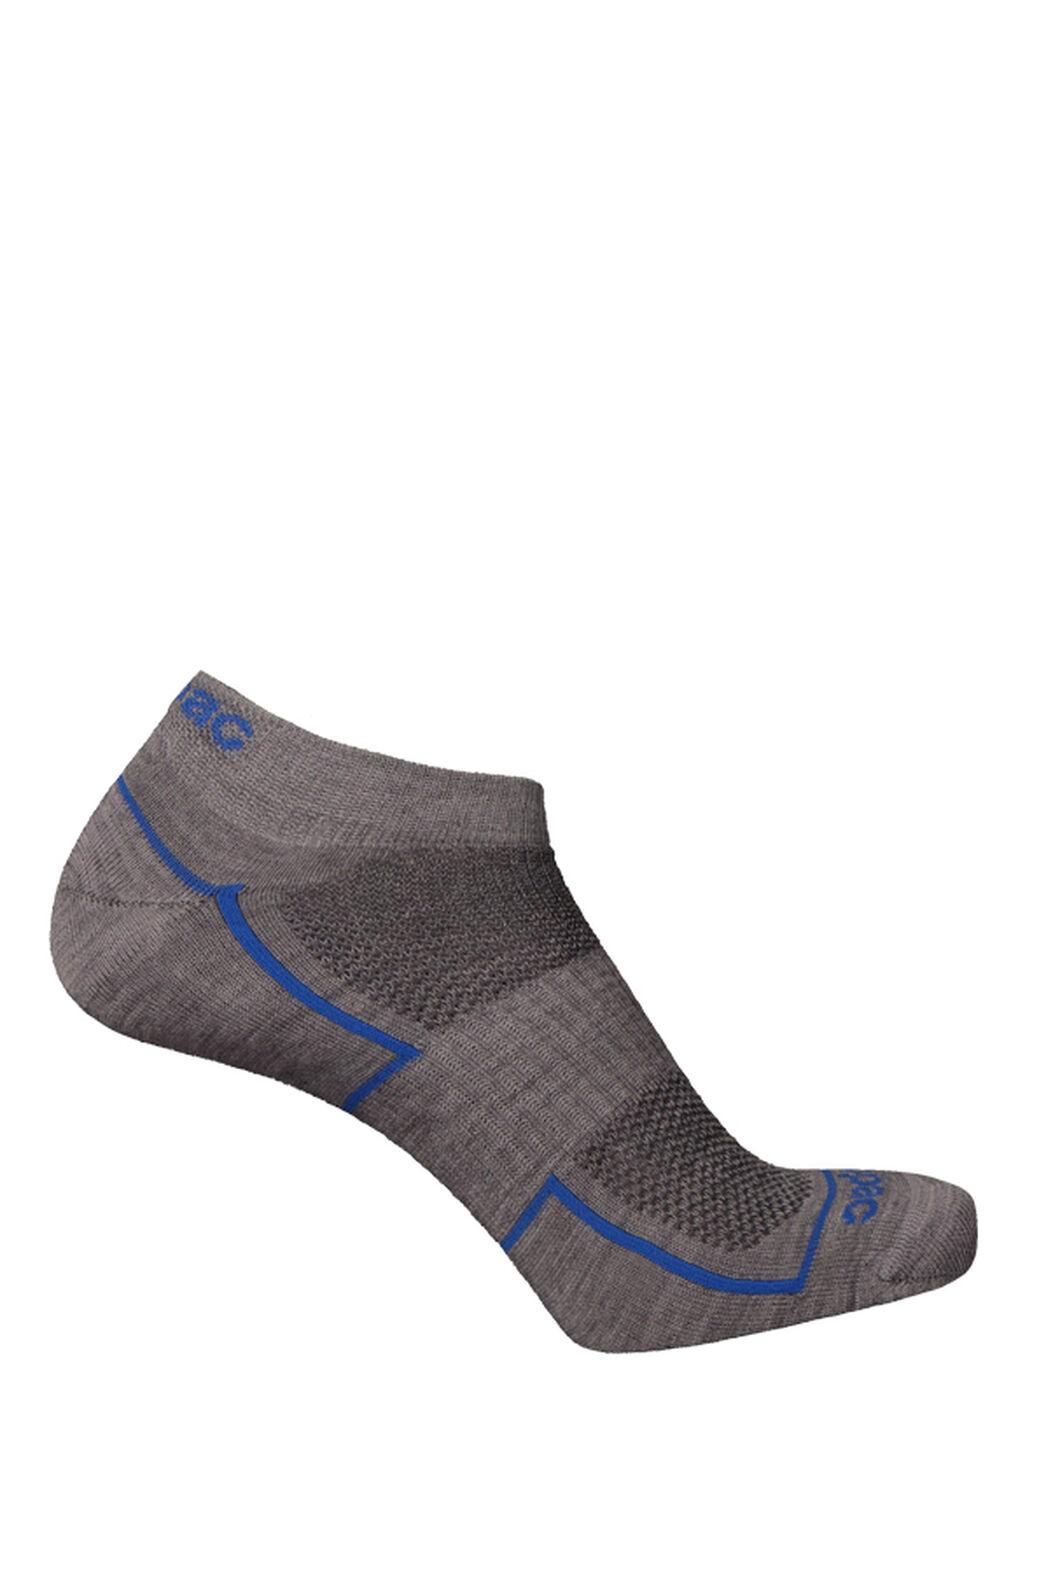 Macpac Merino Blend Anklet Socks 2 Pack, Grey Marle, hi-res